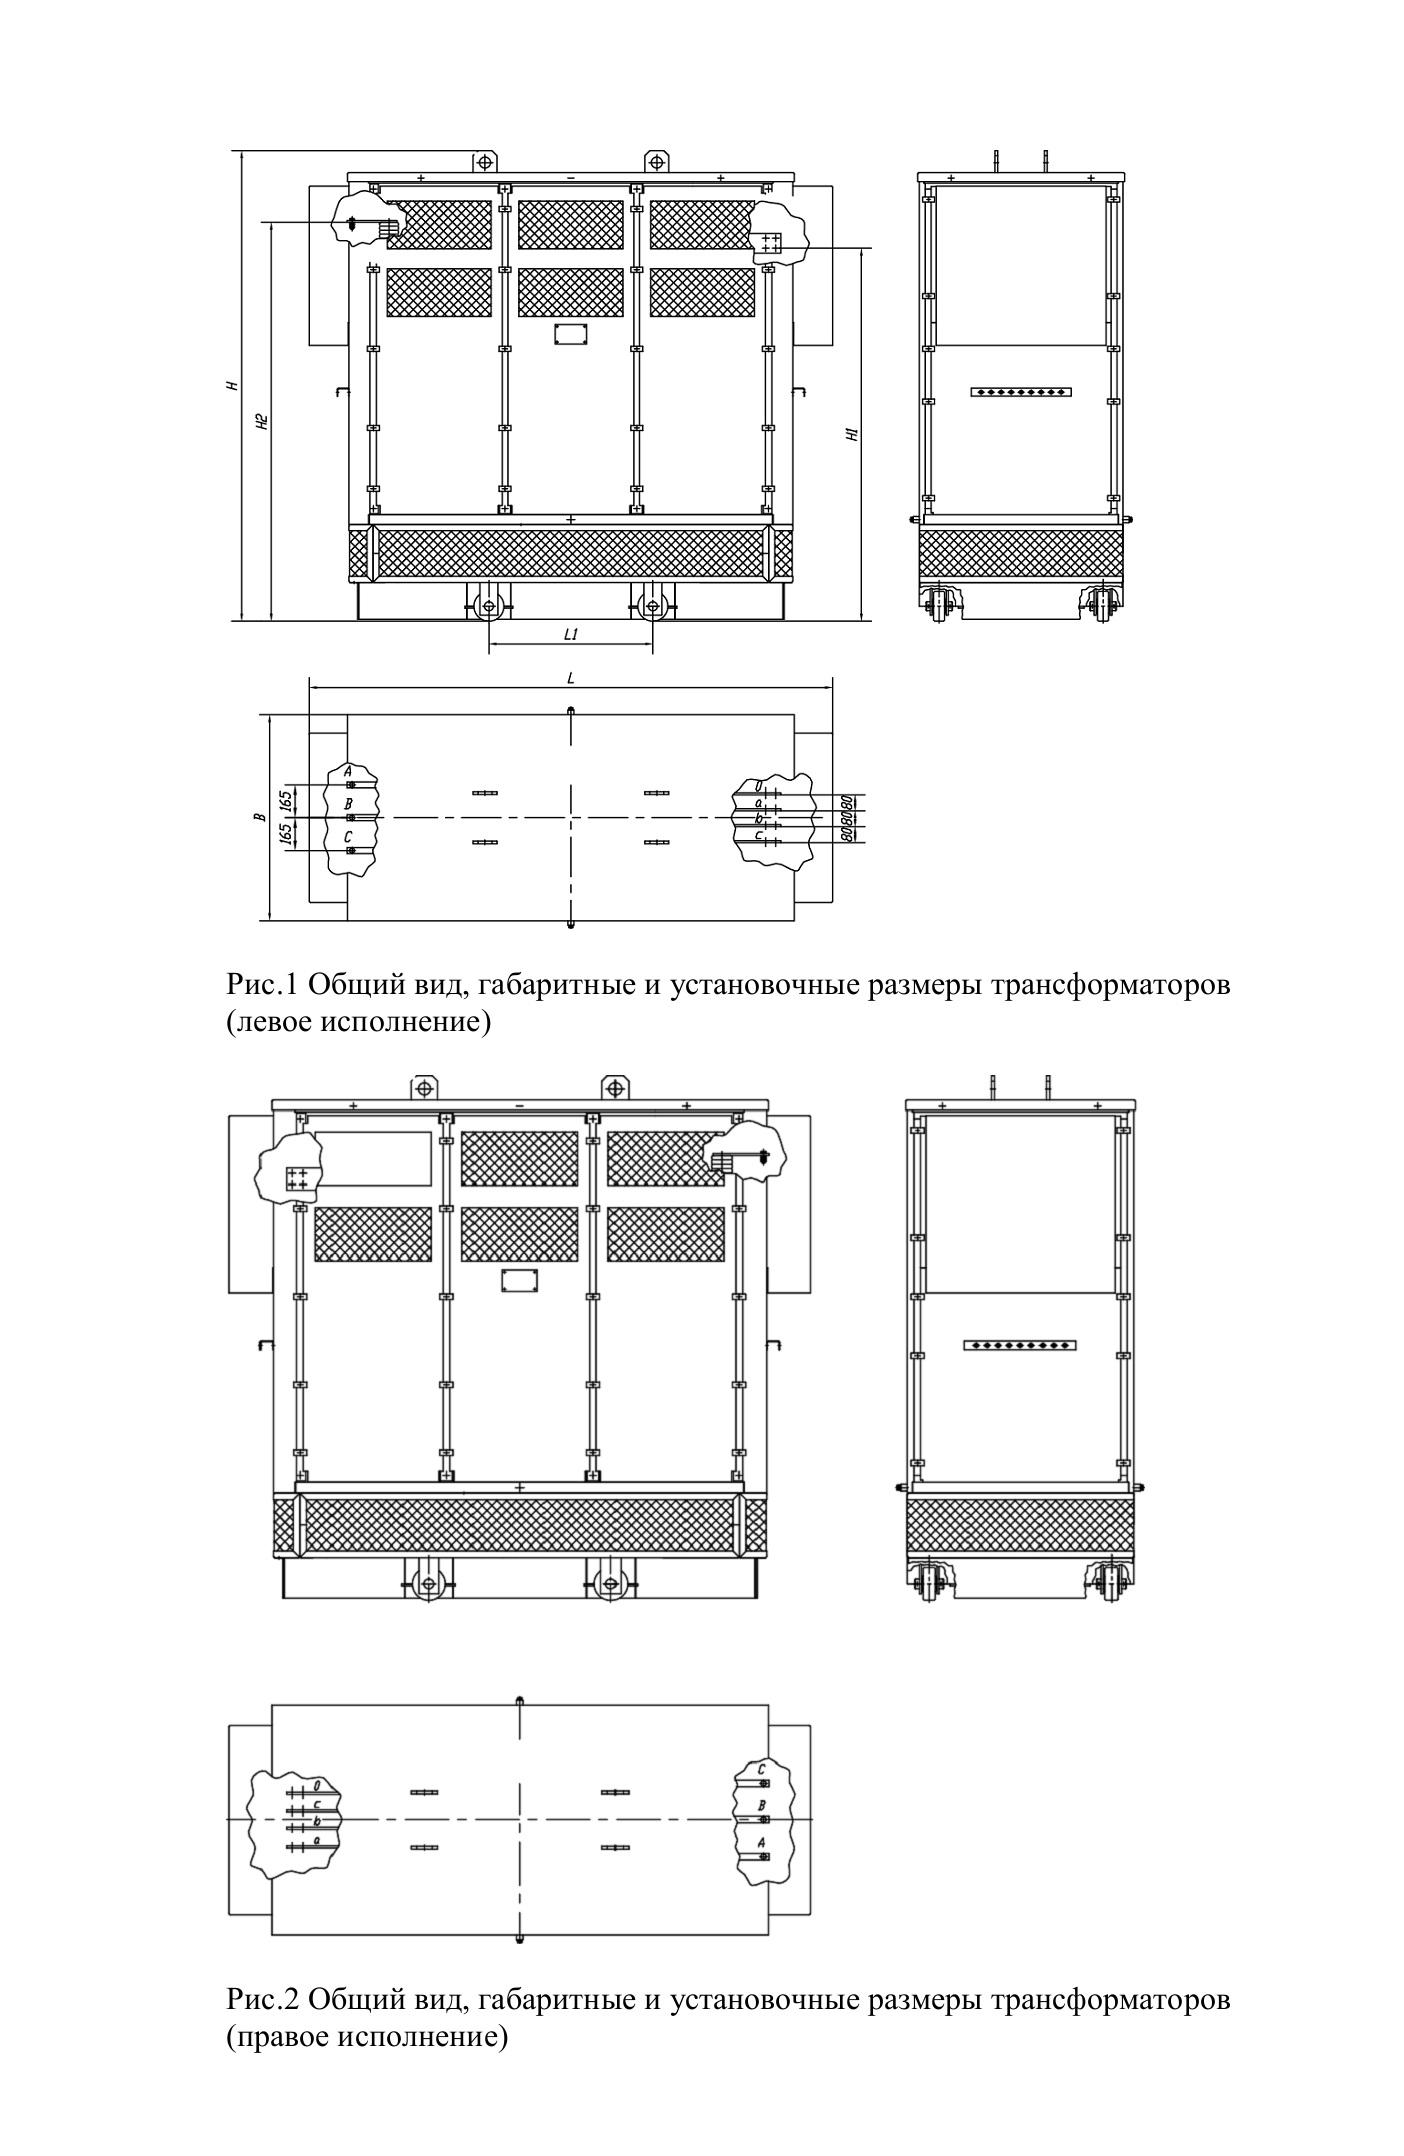 Сухой трехфазный трансформатор повышенной пожаробезопасности (6-20кВ) тип ТСЗФ